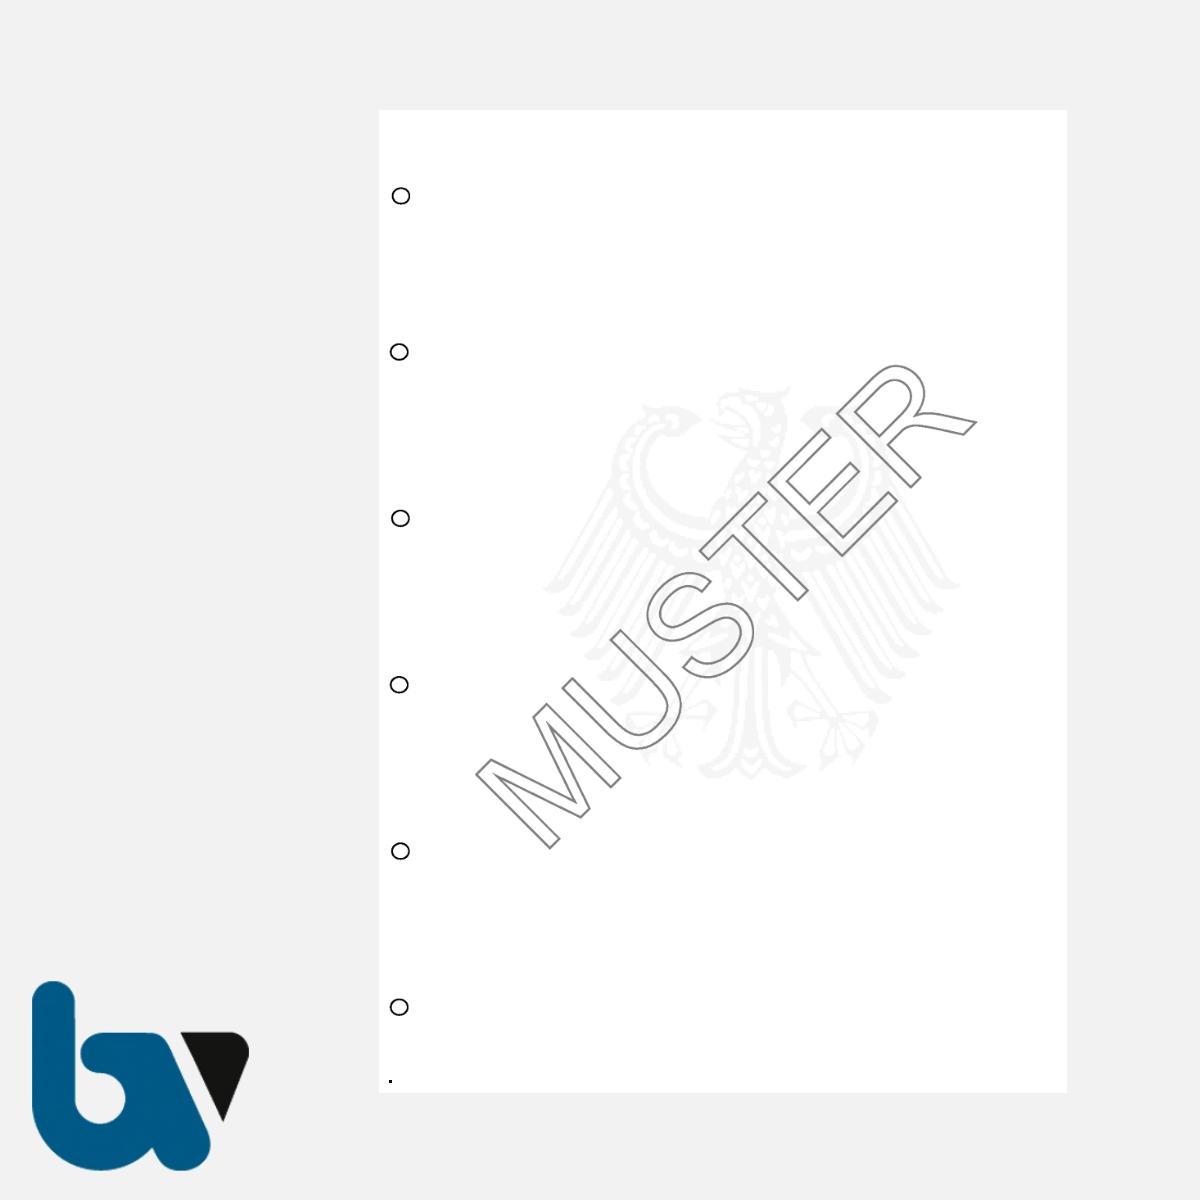 0/168-5.1gb Sicherheitspapier Standesamt Personenstand Urkunde Kopierschutz Scan Dokument 6-fach Lochung Bundesadler Stammbuch 130 200 | Borgard Verlag GmbH